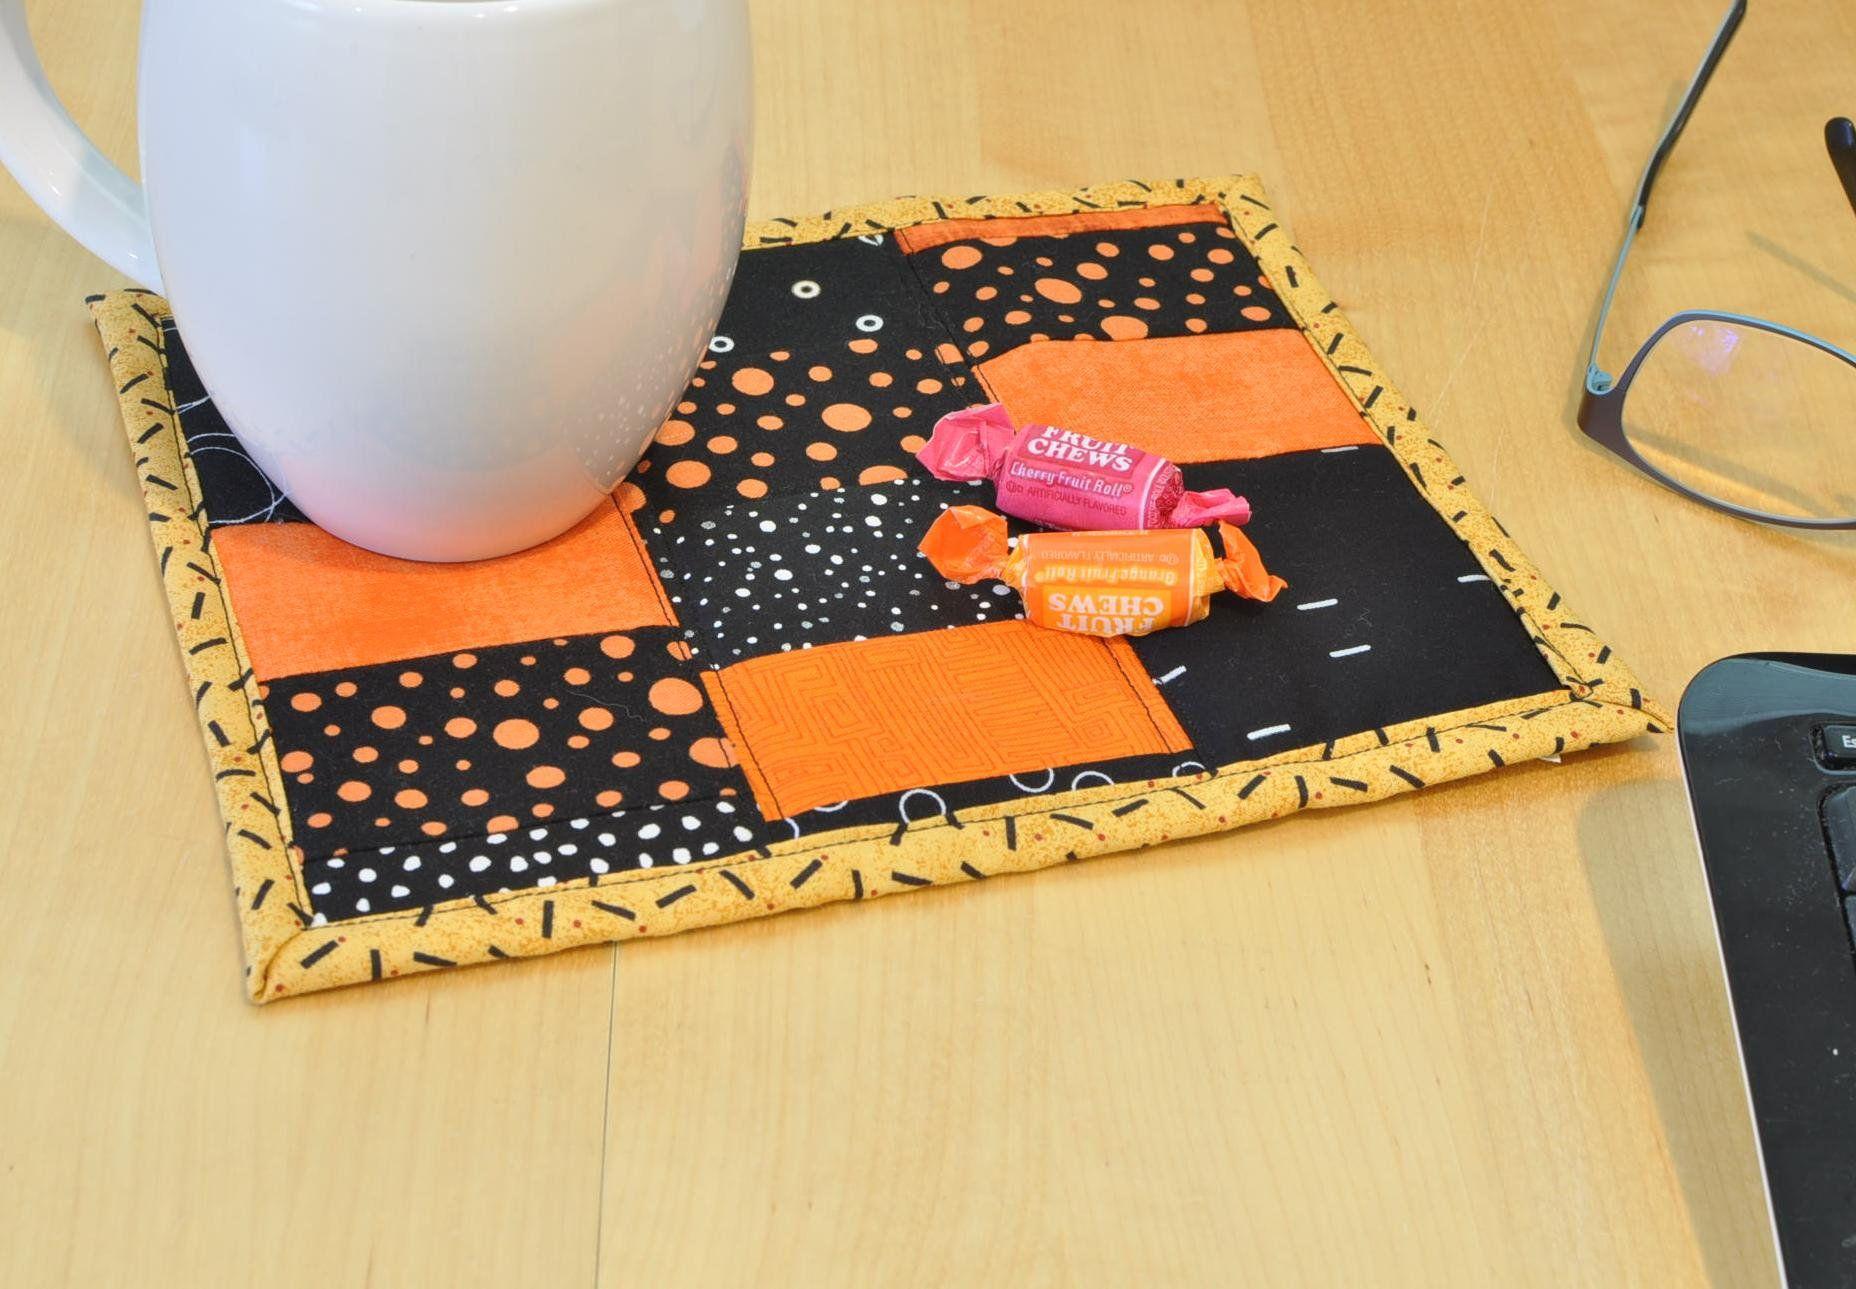 Mug Rug Reusable Snack Mat Mini Quilt Home Decor Desk Etsy In 2020 Mug Rug Mini Quilt Handmade